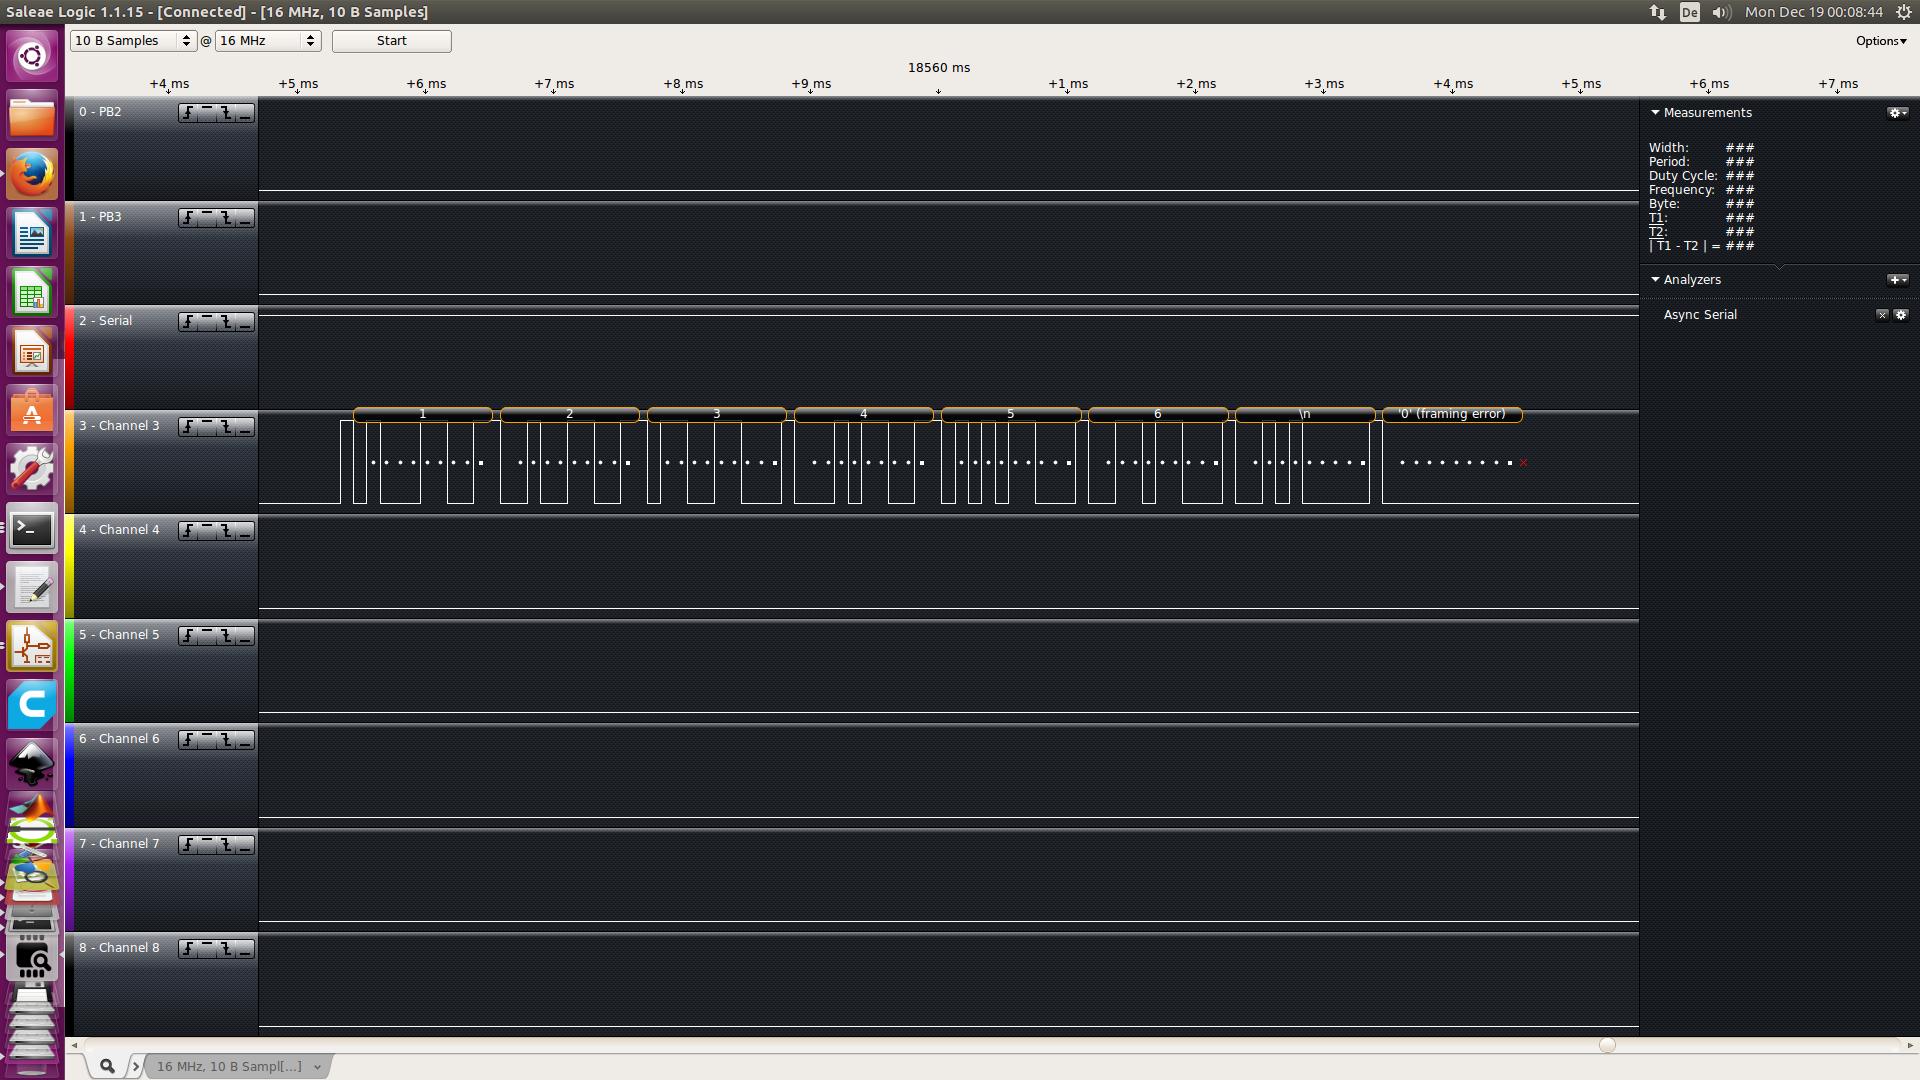 RS485 Probleme mit Umschalten --> Framing Error - Mikrocontroller.net